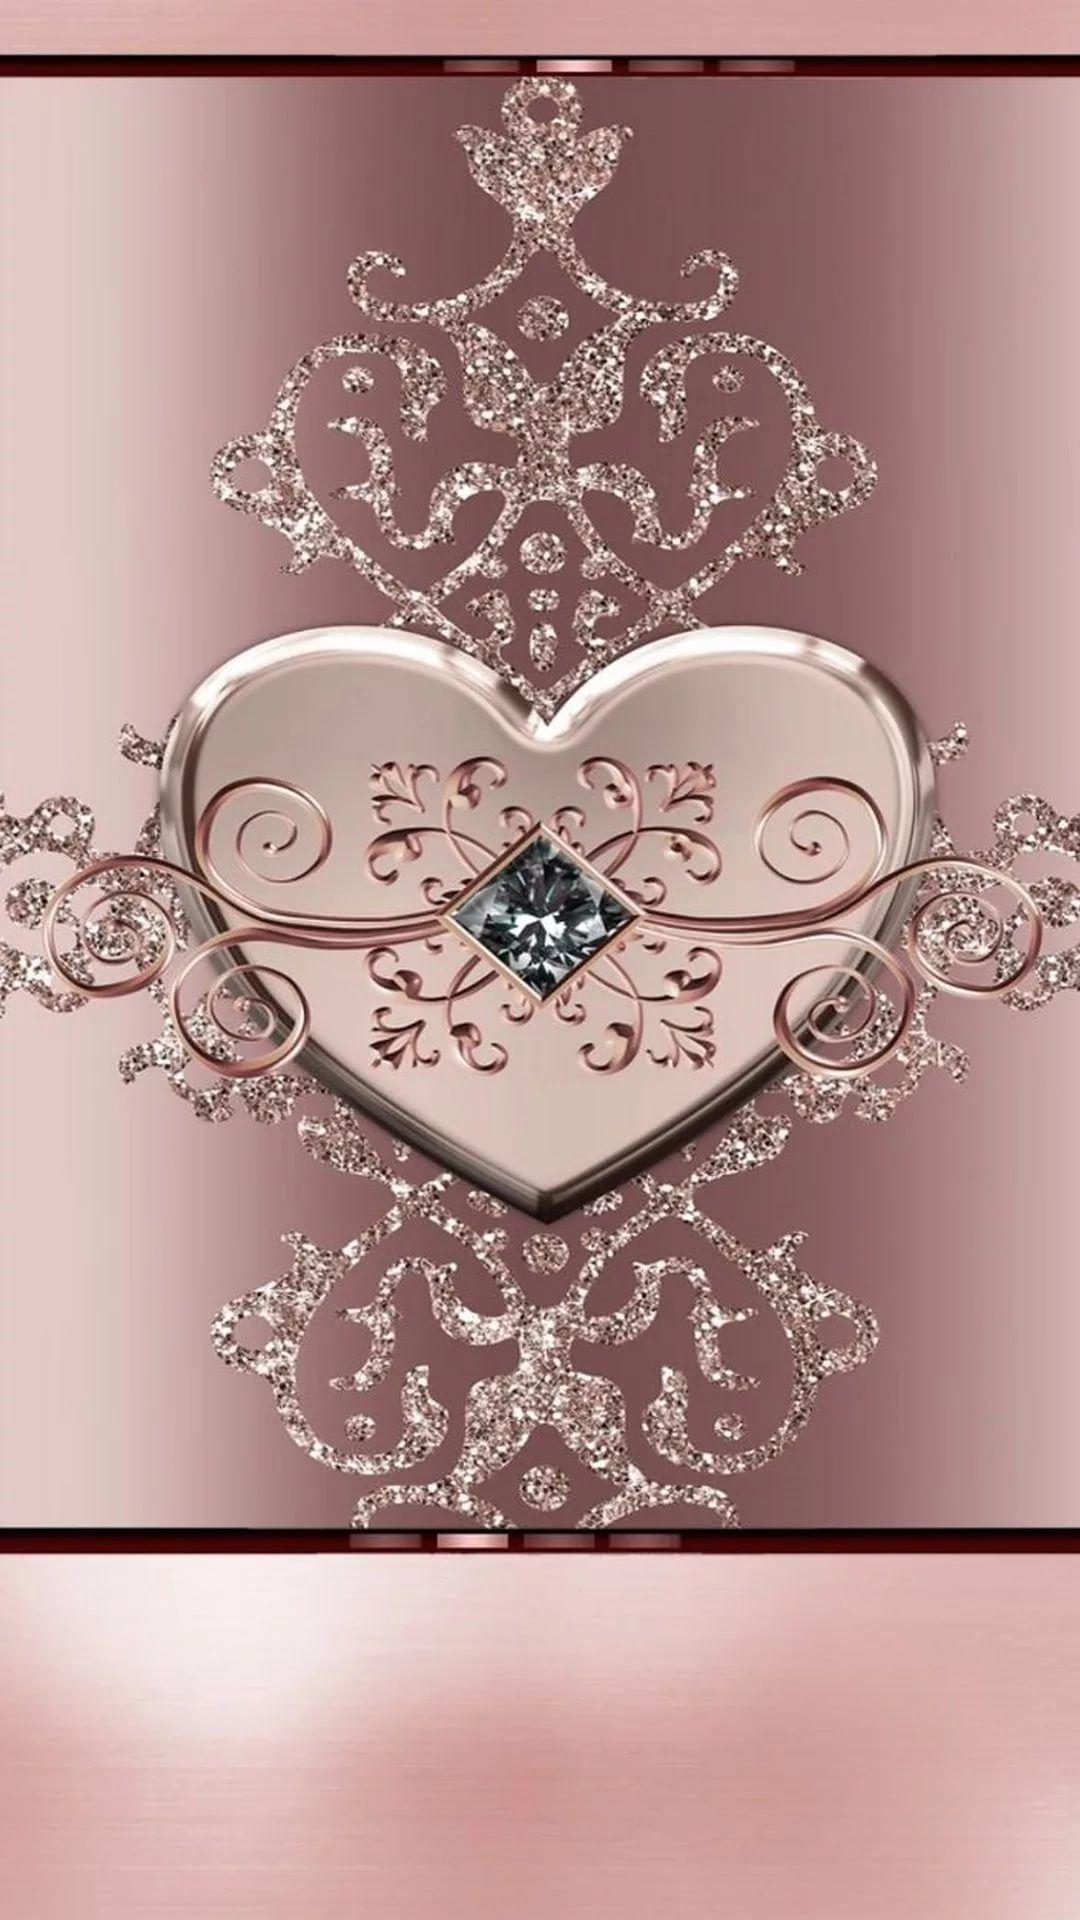 Rose Gold Heart iPhone wallpaper